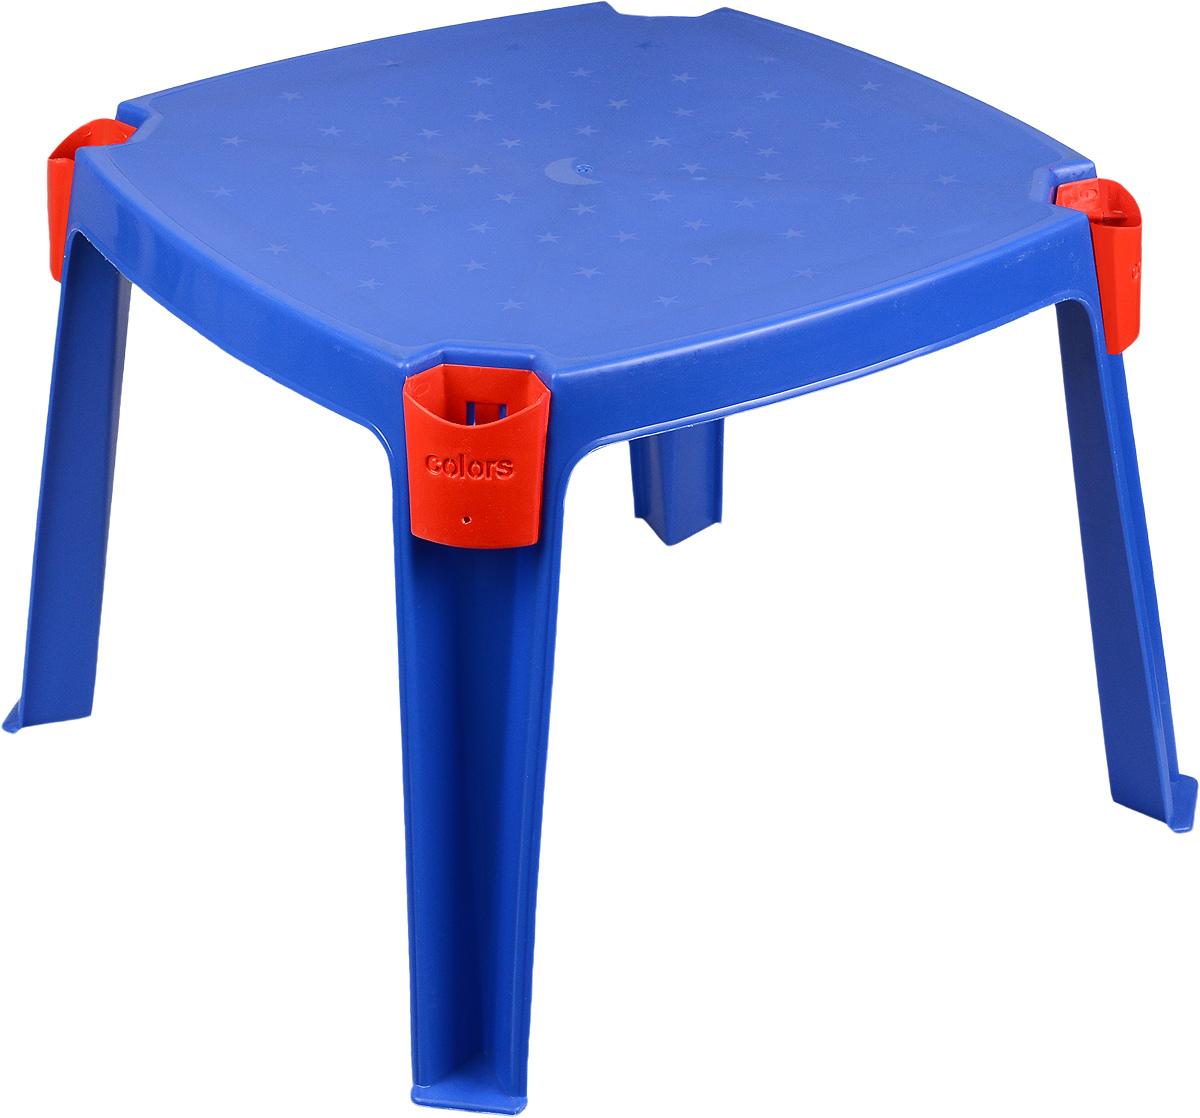 Marian Plast Стол детский с карманами 53 см х 53 см цвет синий -  Детская мебель